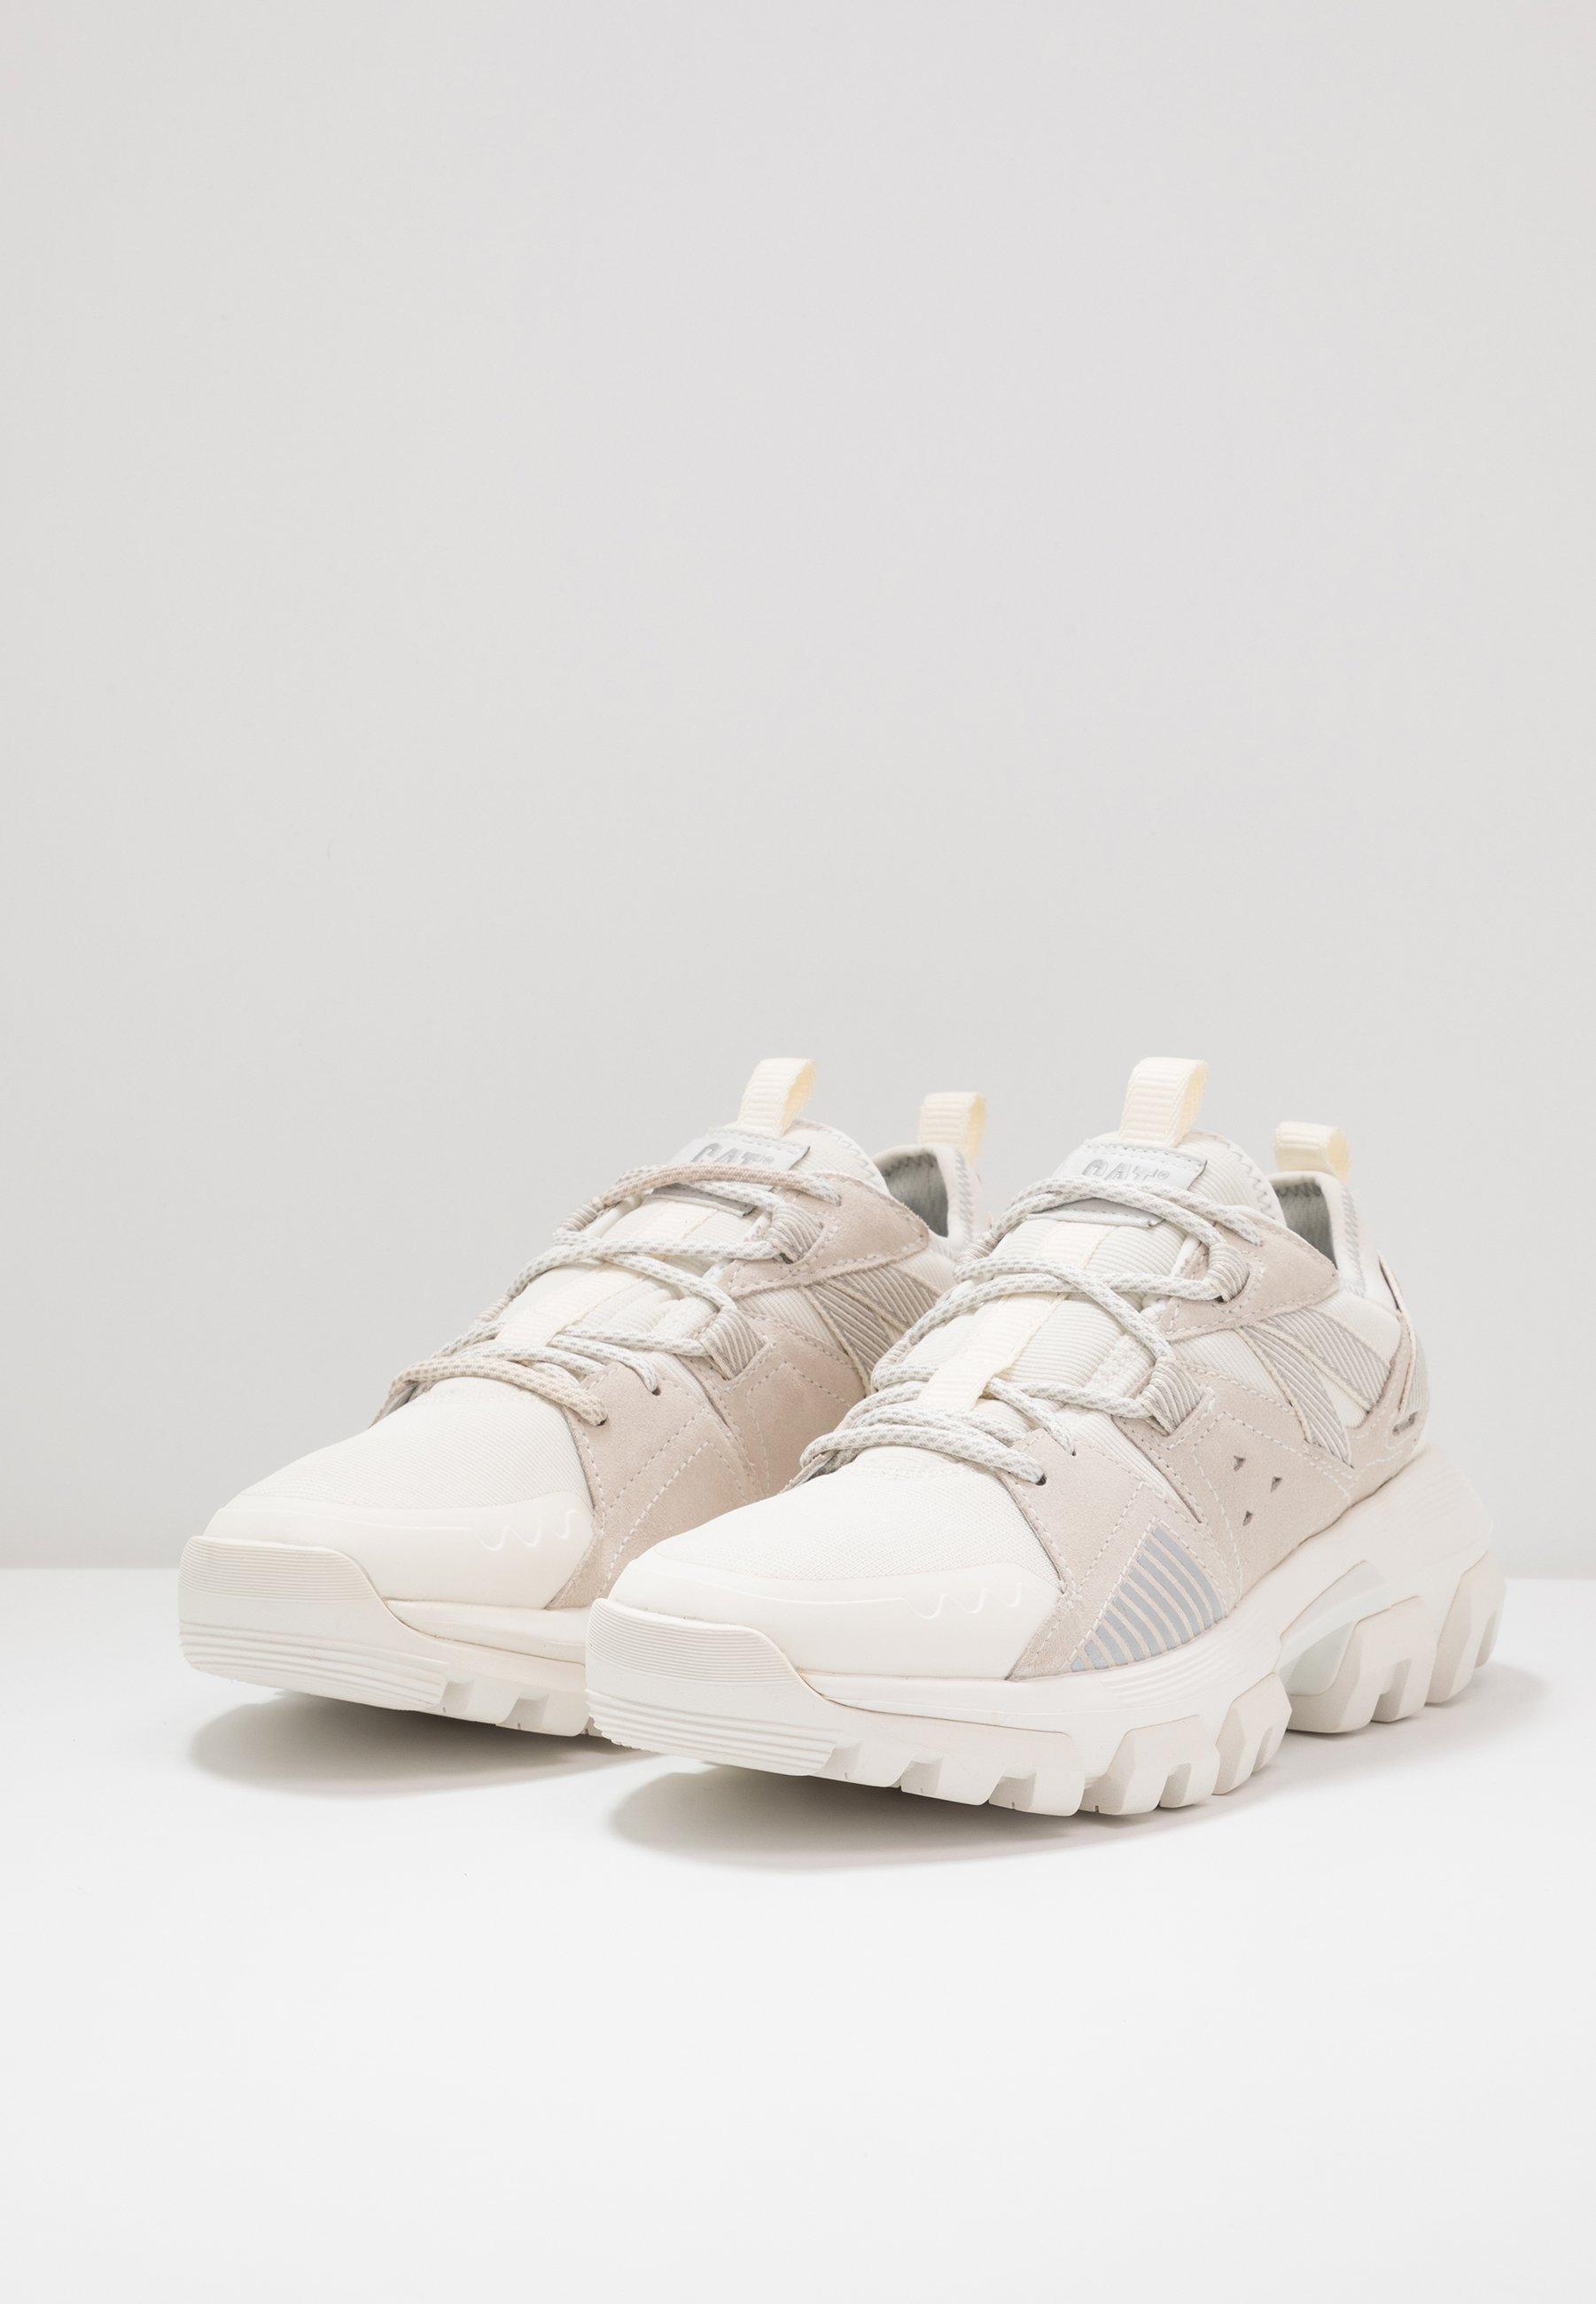 Gran venta Cat Footwear RAIDER SPORT - Zapatillas - gardenia | Calzado de mujer2020 oxcn8